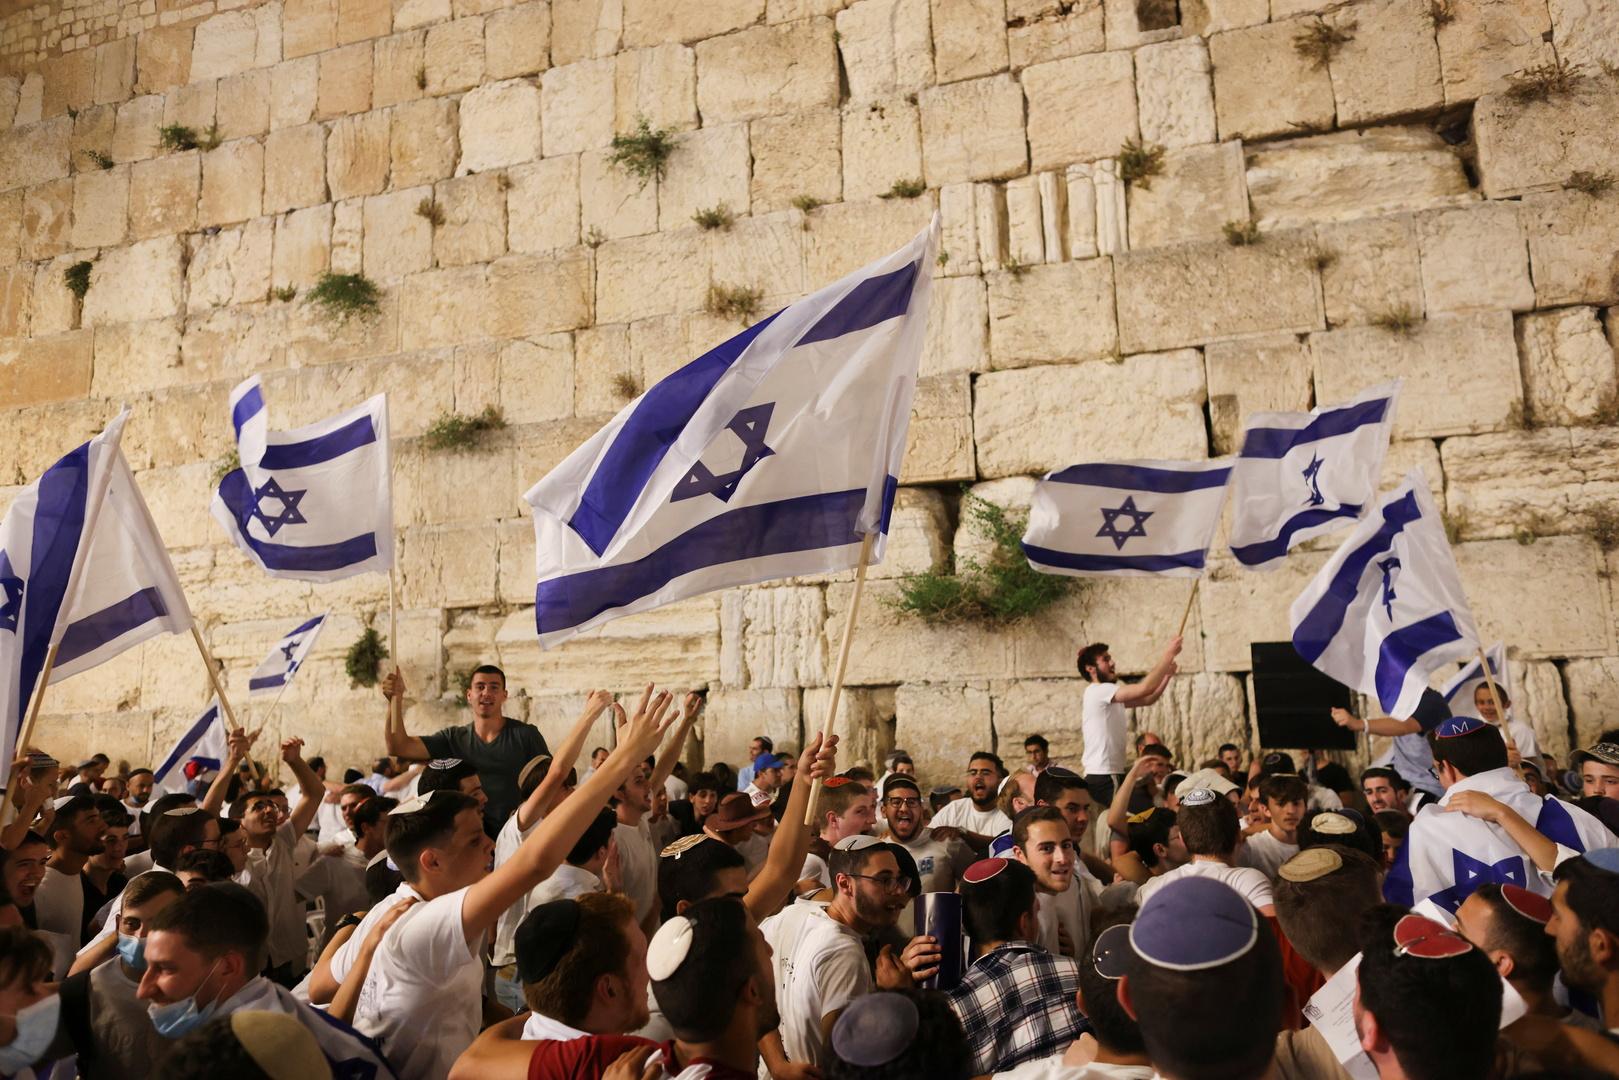 مواطنون يرقعون الأعلام الإسرائيلية في القدس